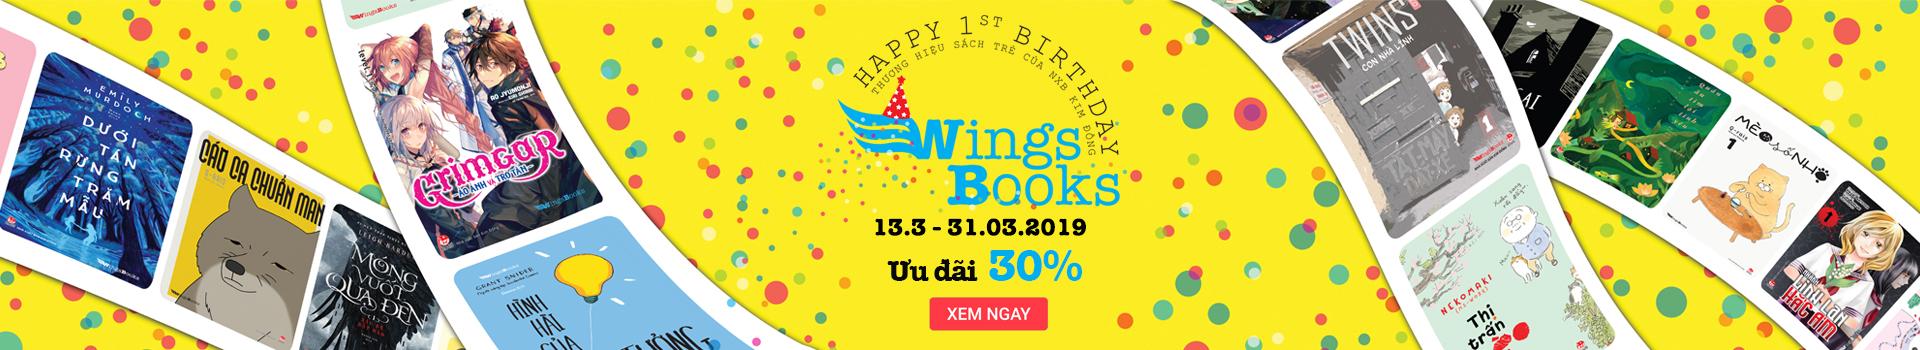 Mừng Sinh Nhật Wingsbooks